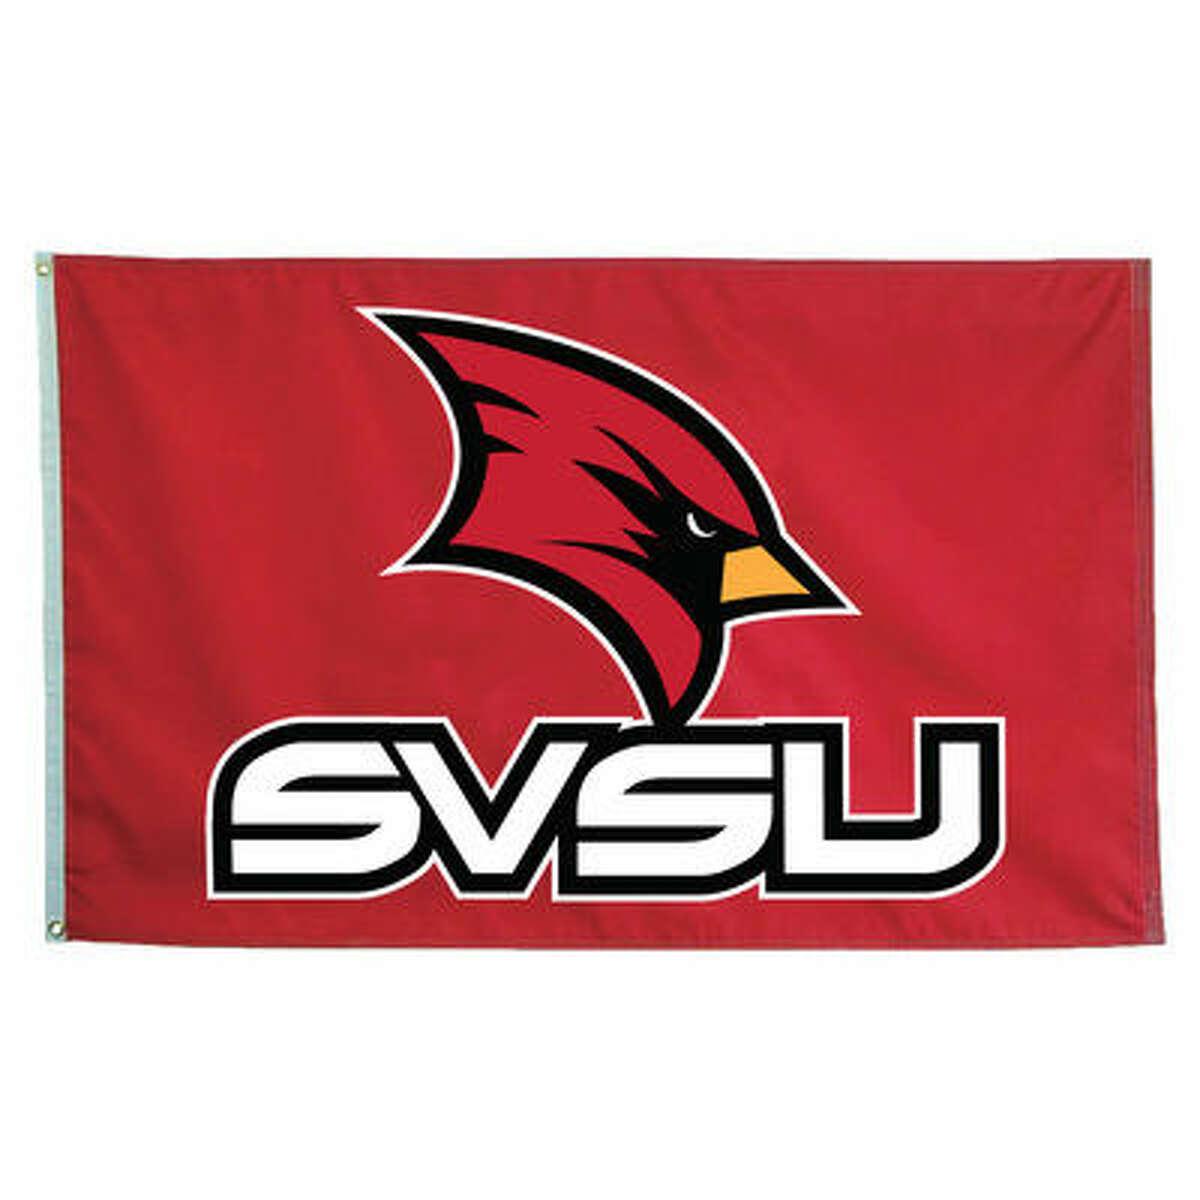 SVSU logo